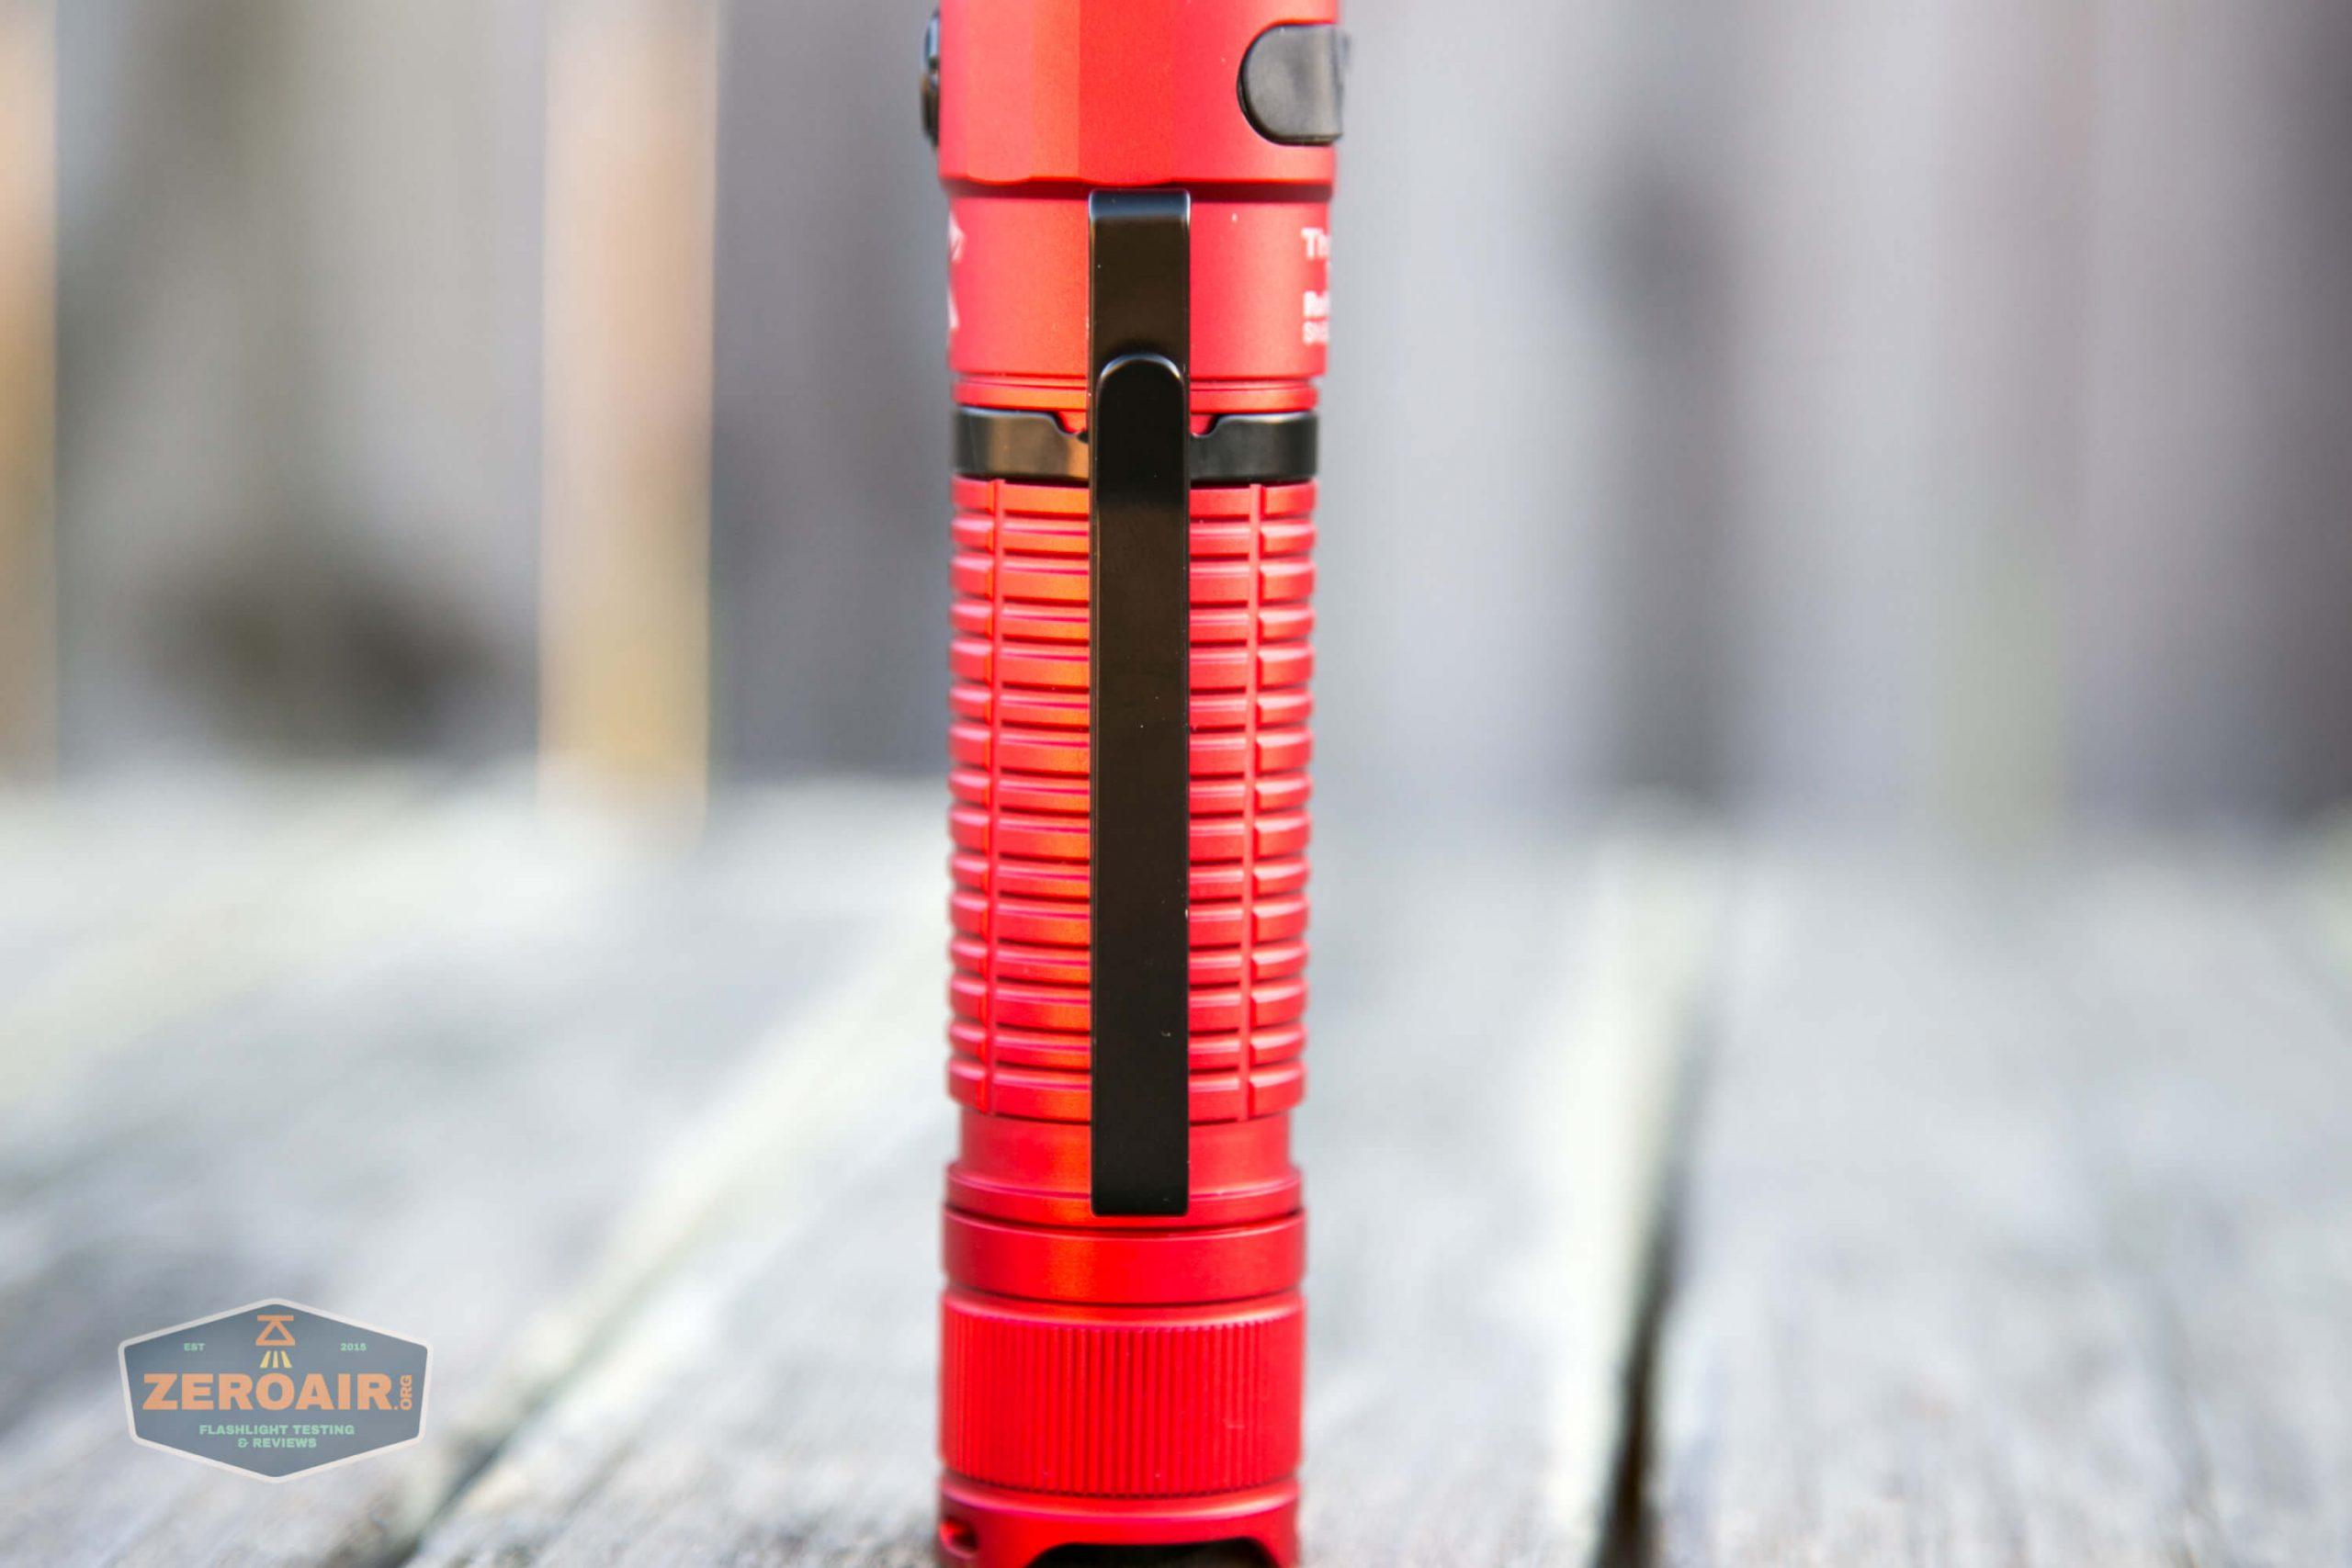 thrunite tt20 the outsider red 21700 flashlight pocket clip